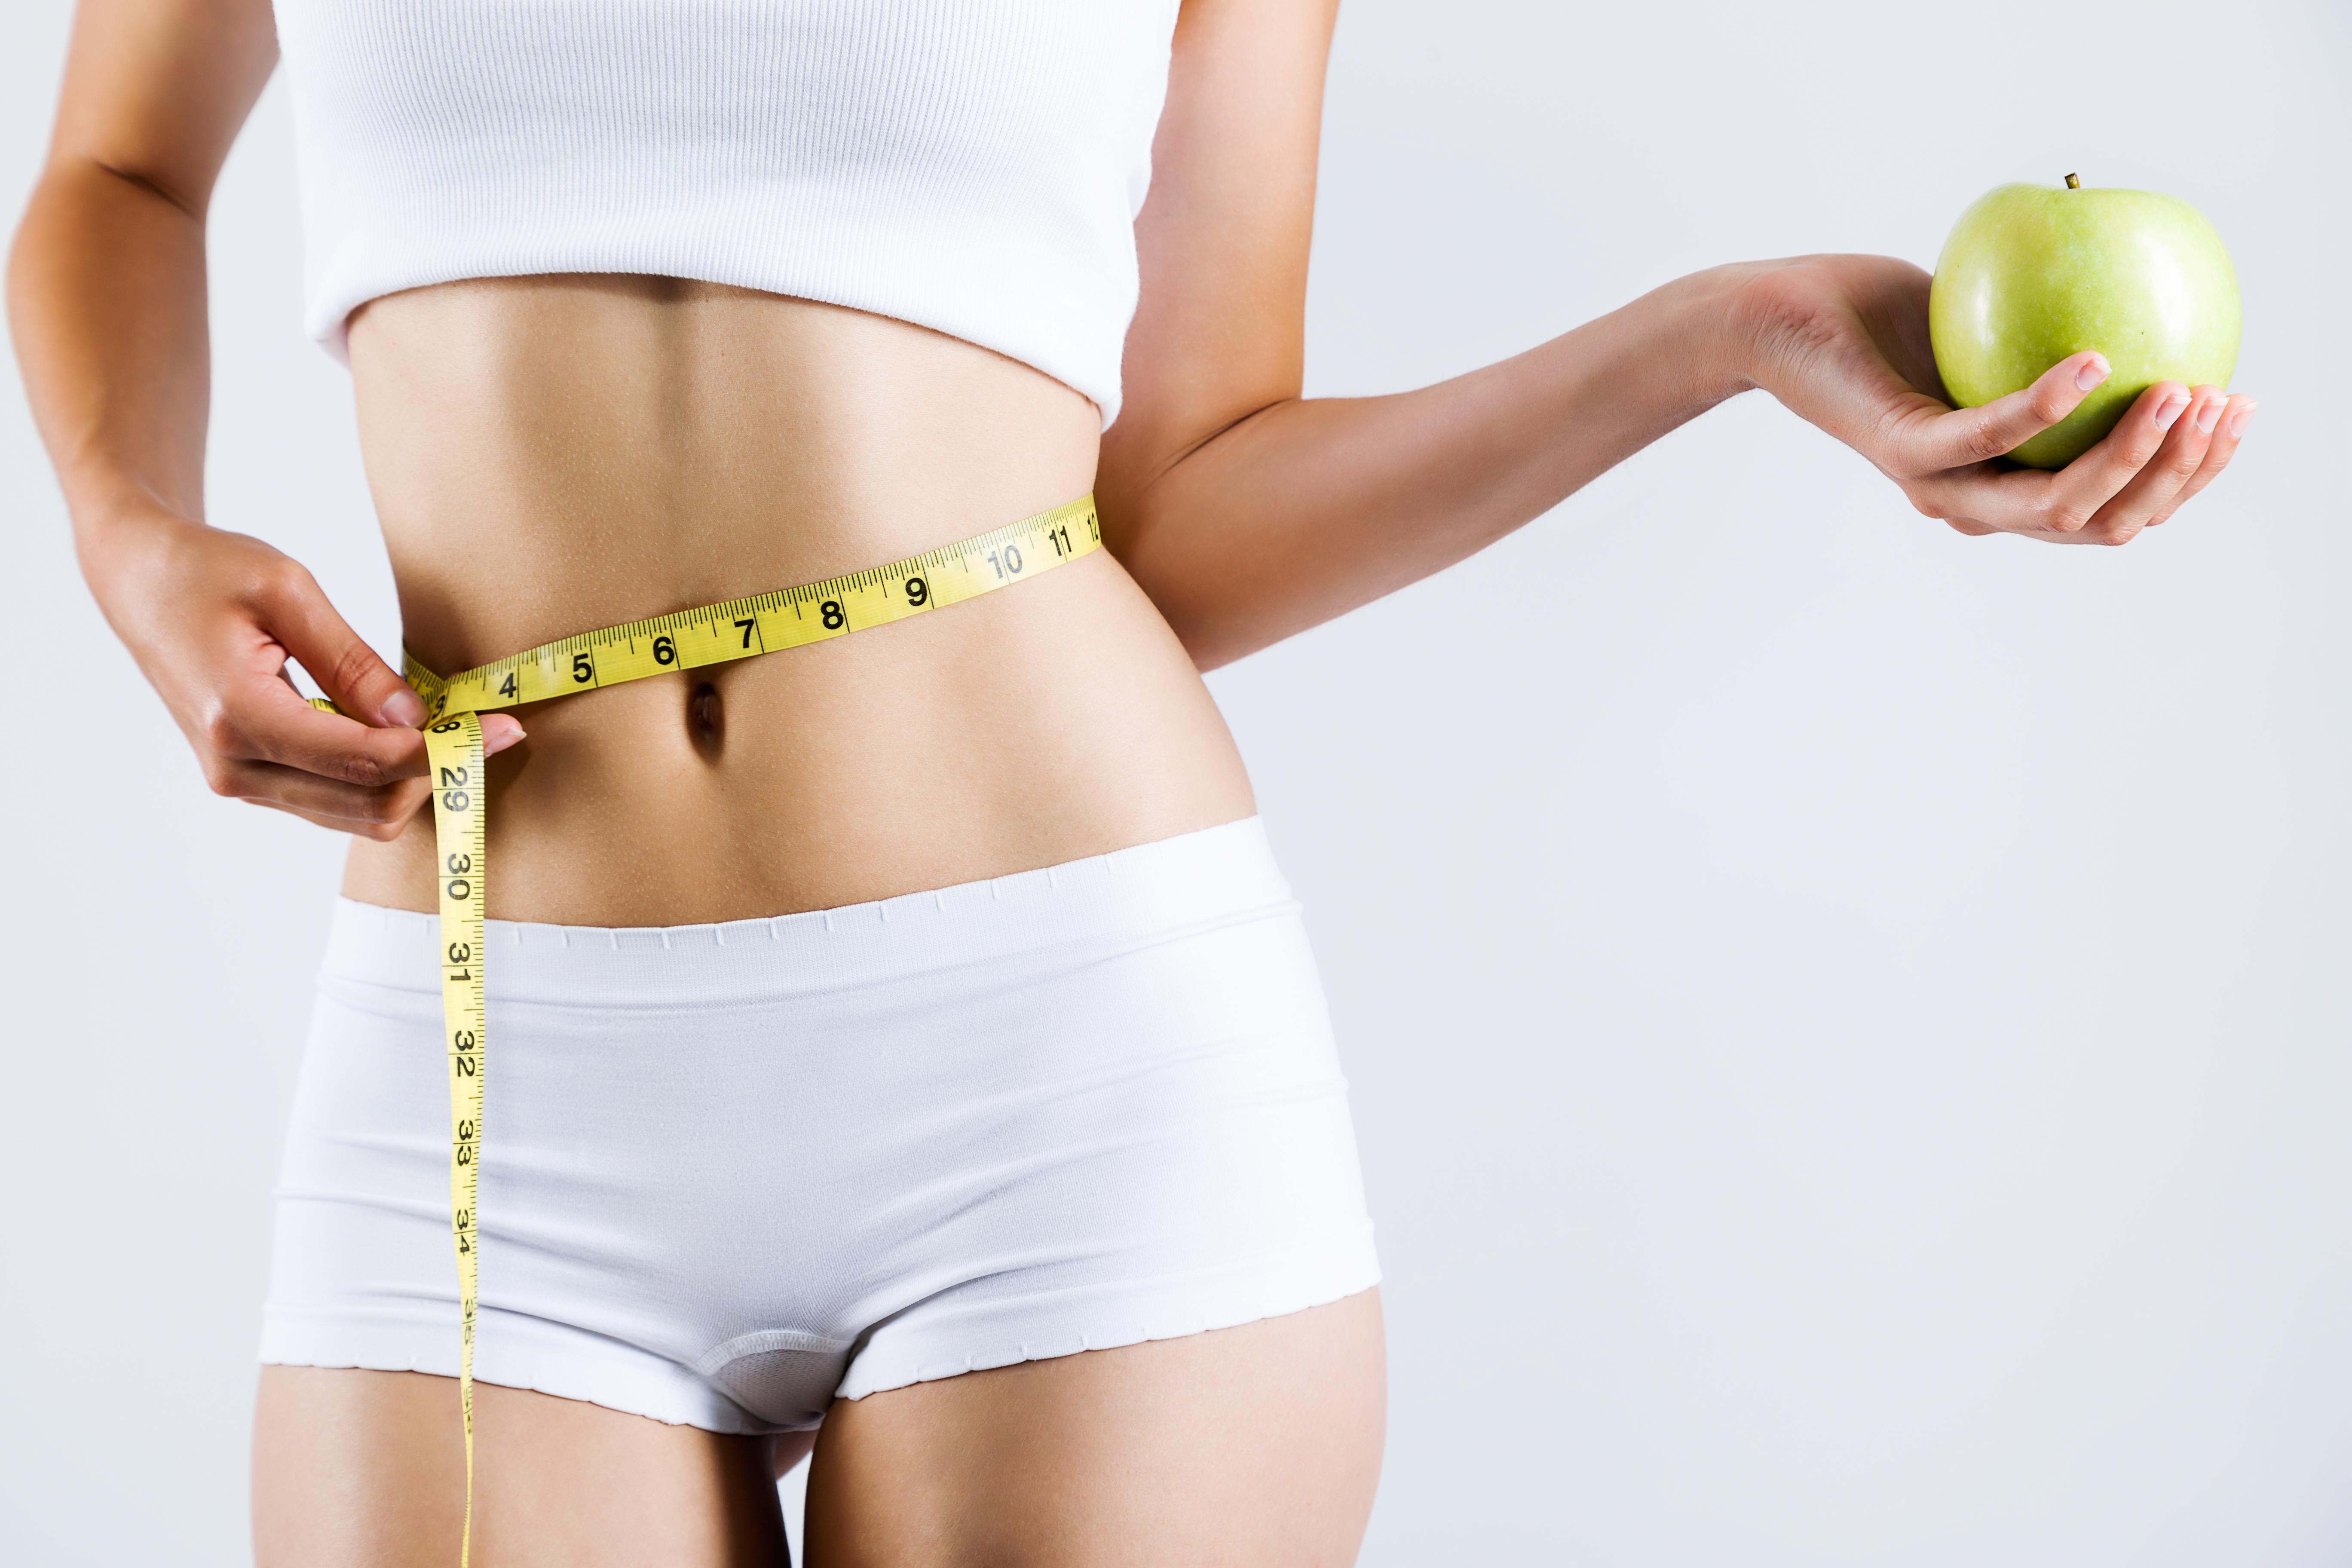 logodnicul nu va pierde in greutate 2020de kilograme și nu poate slăbi